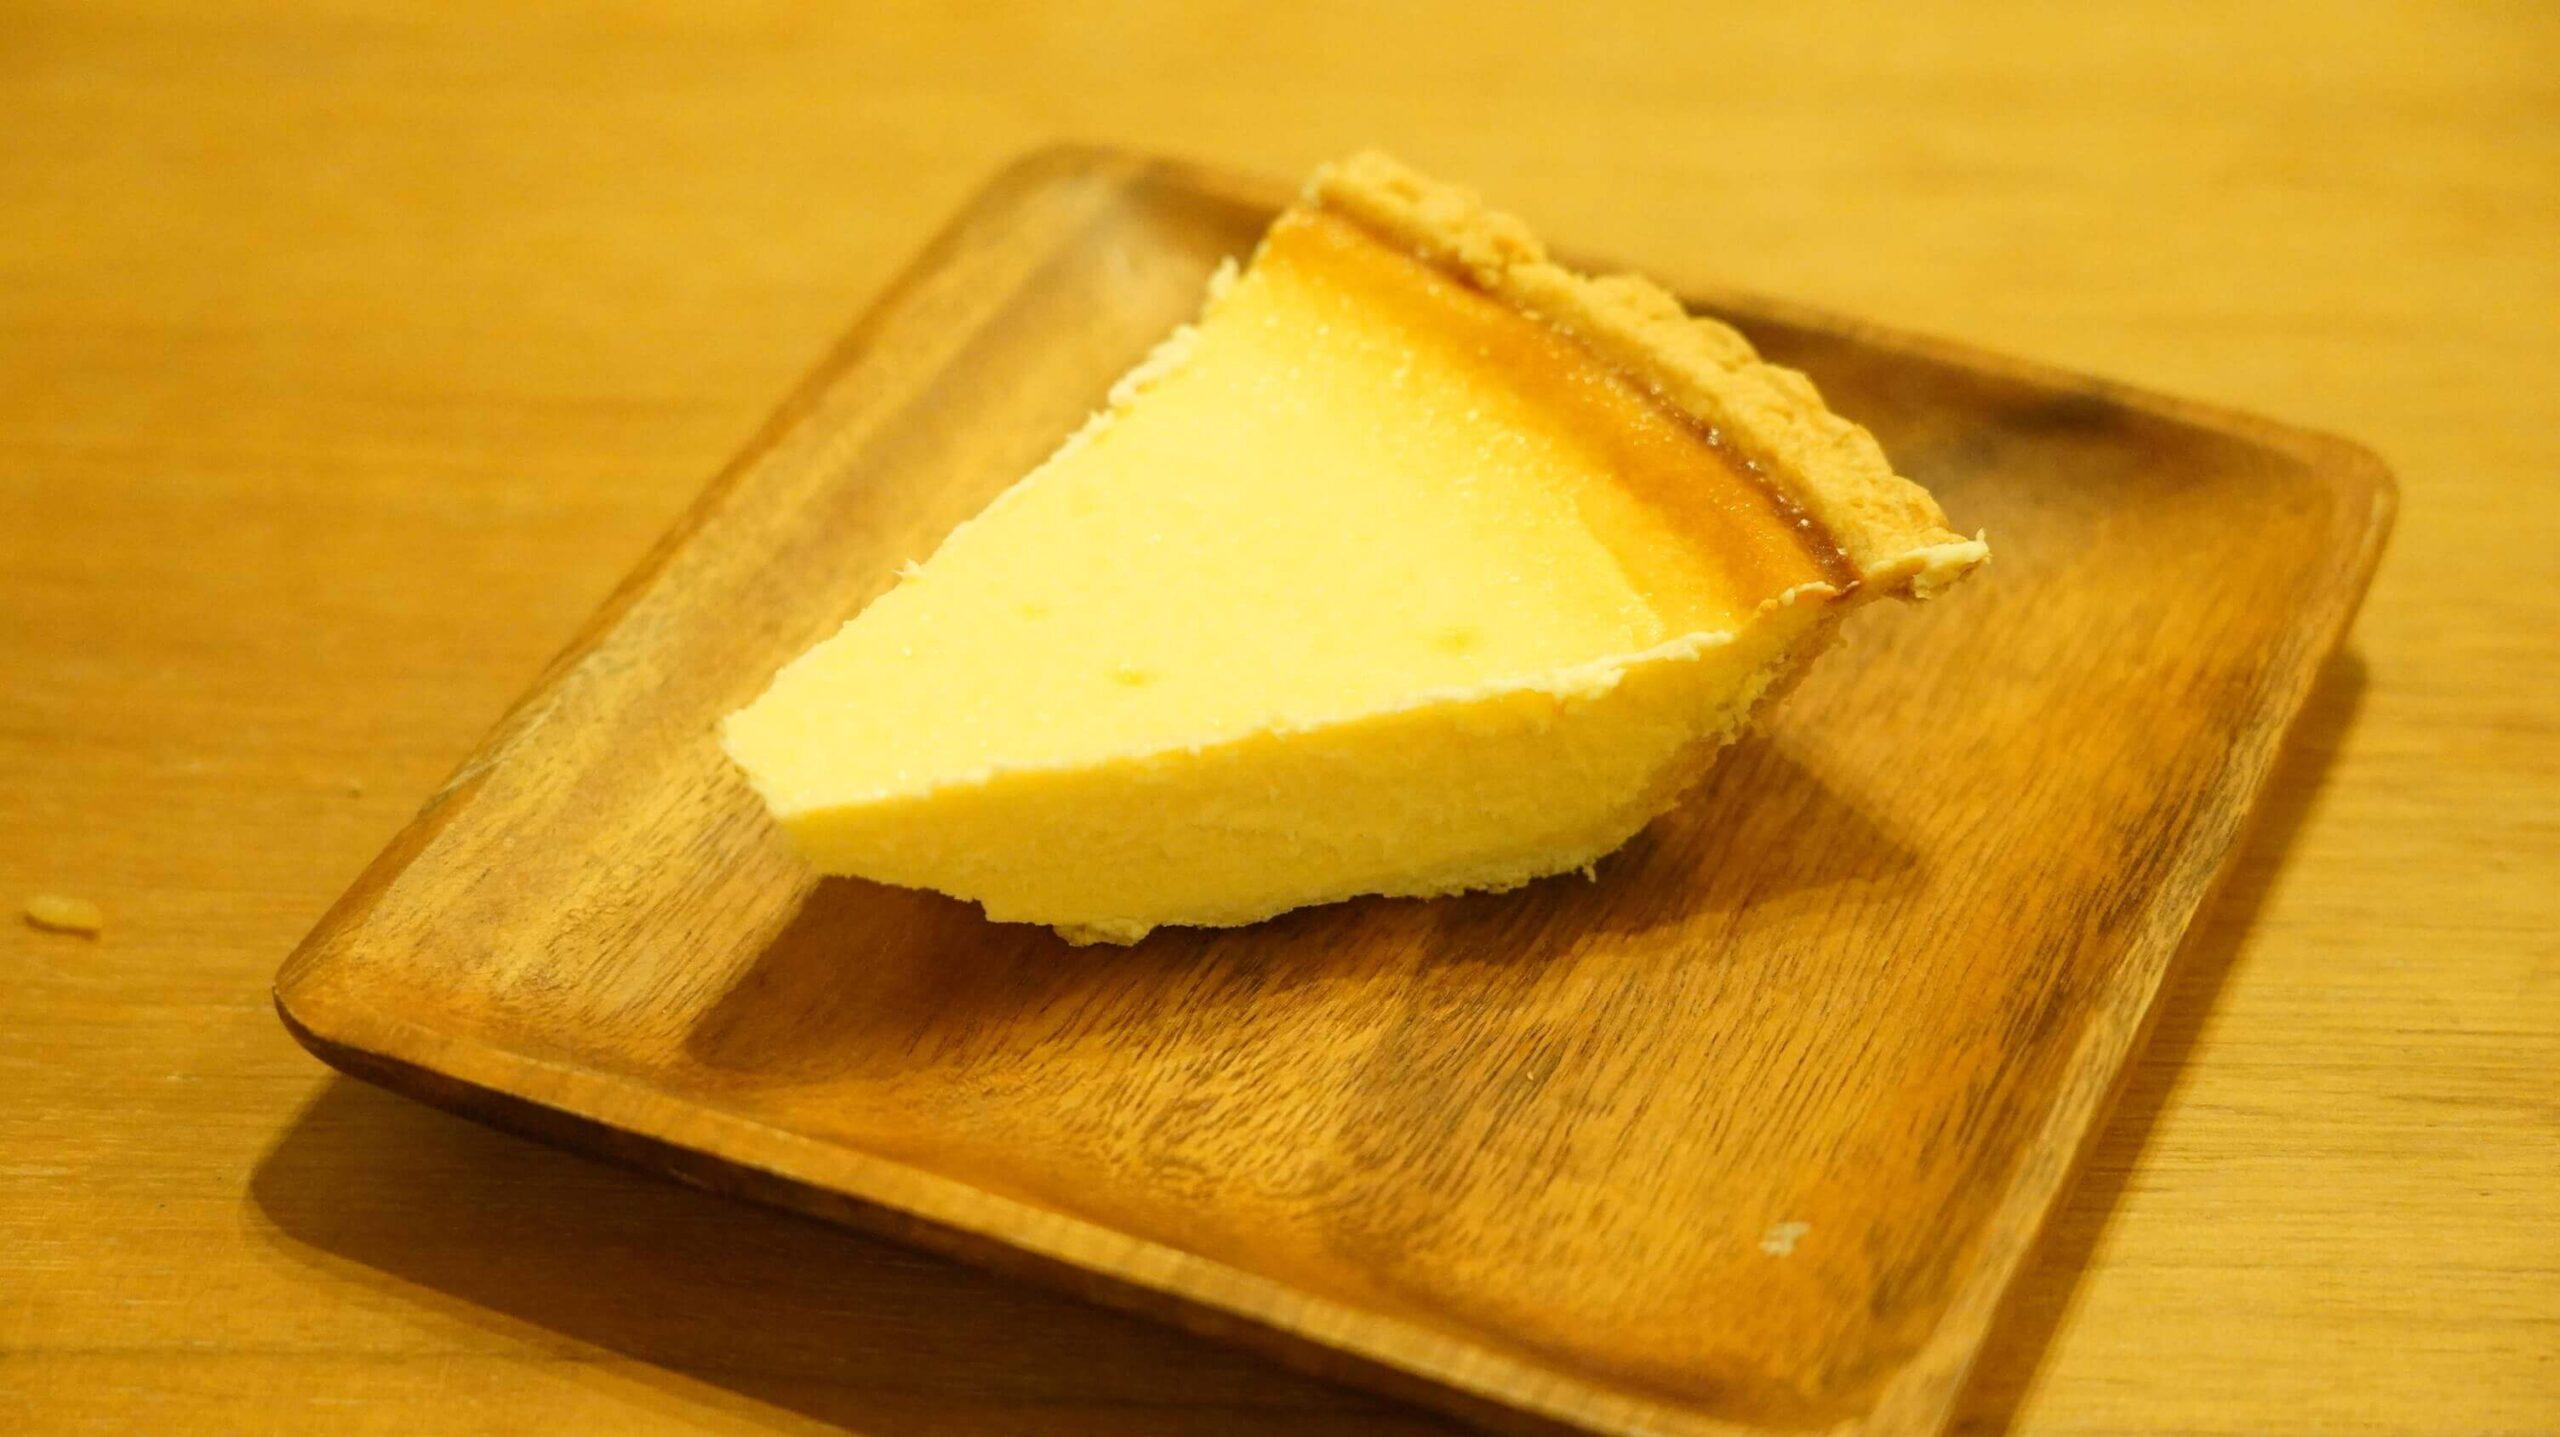 コストコのチーズケーキ「トリプルチーズタルト」を皿に盛りつけた写真